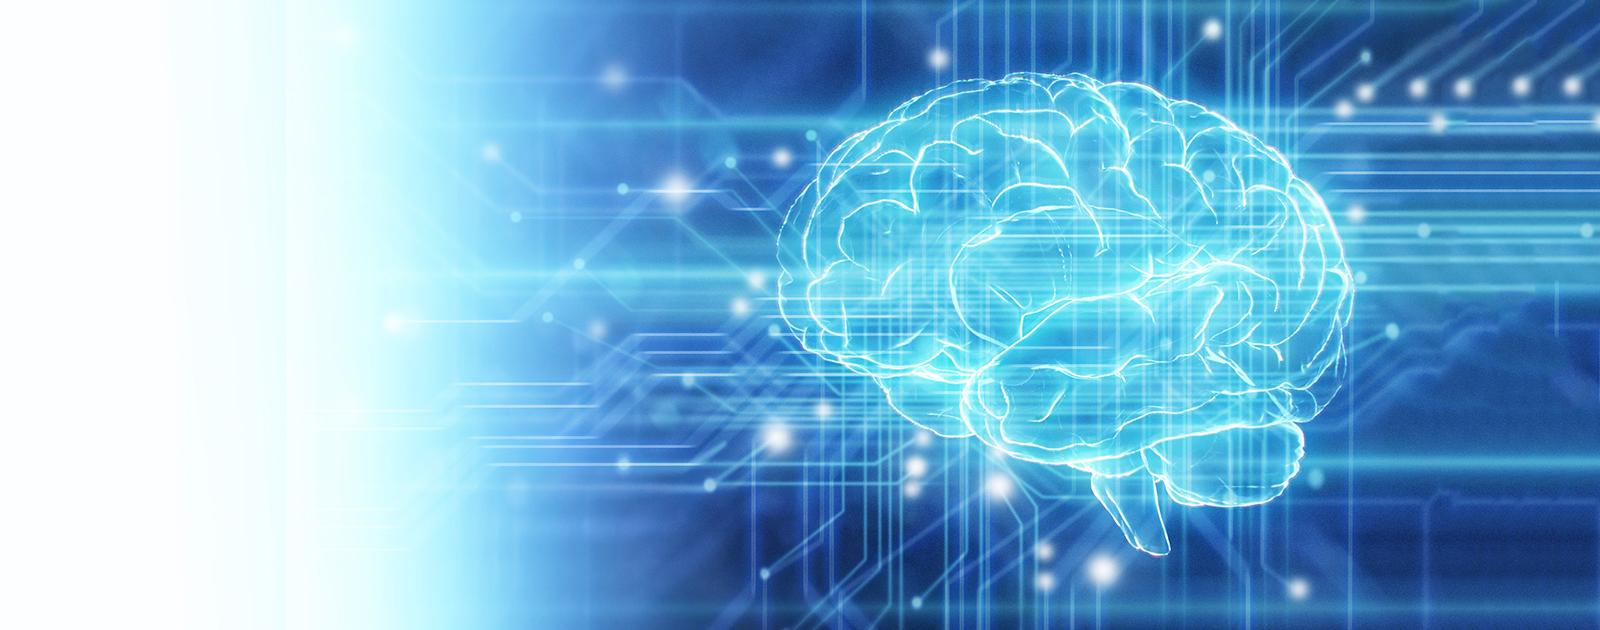 Suffit-il d'avoir un cerveau pour apprendre ?